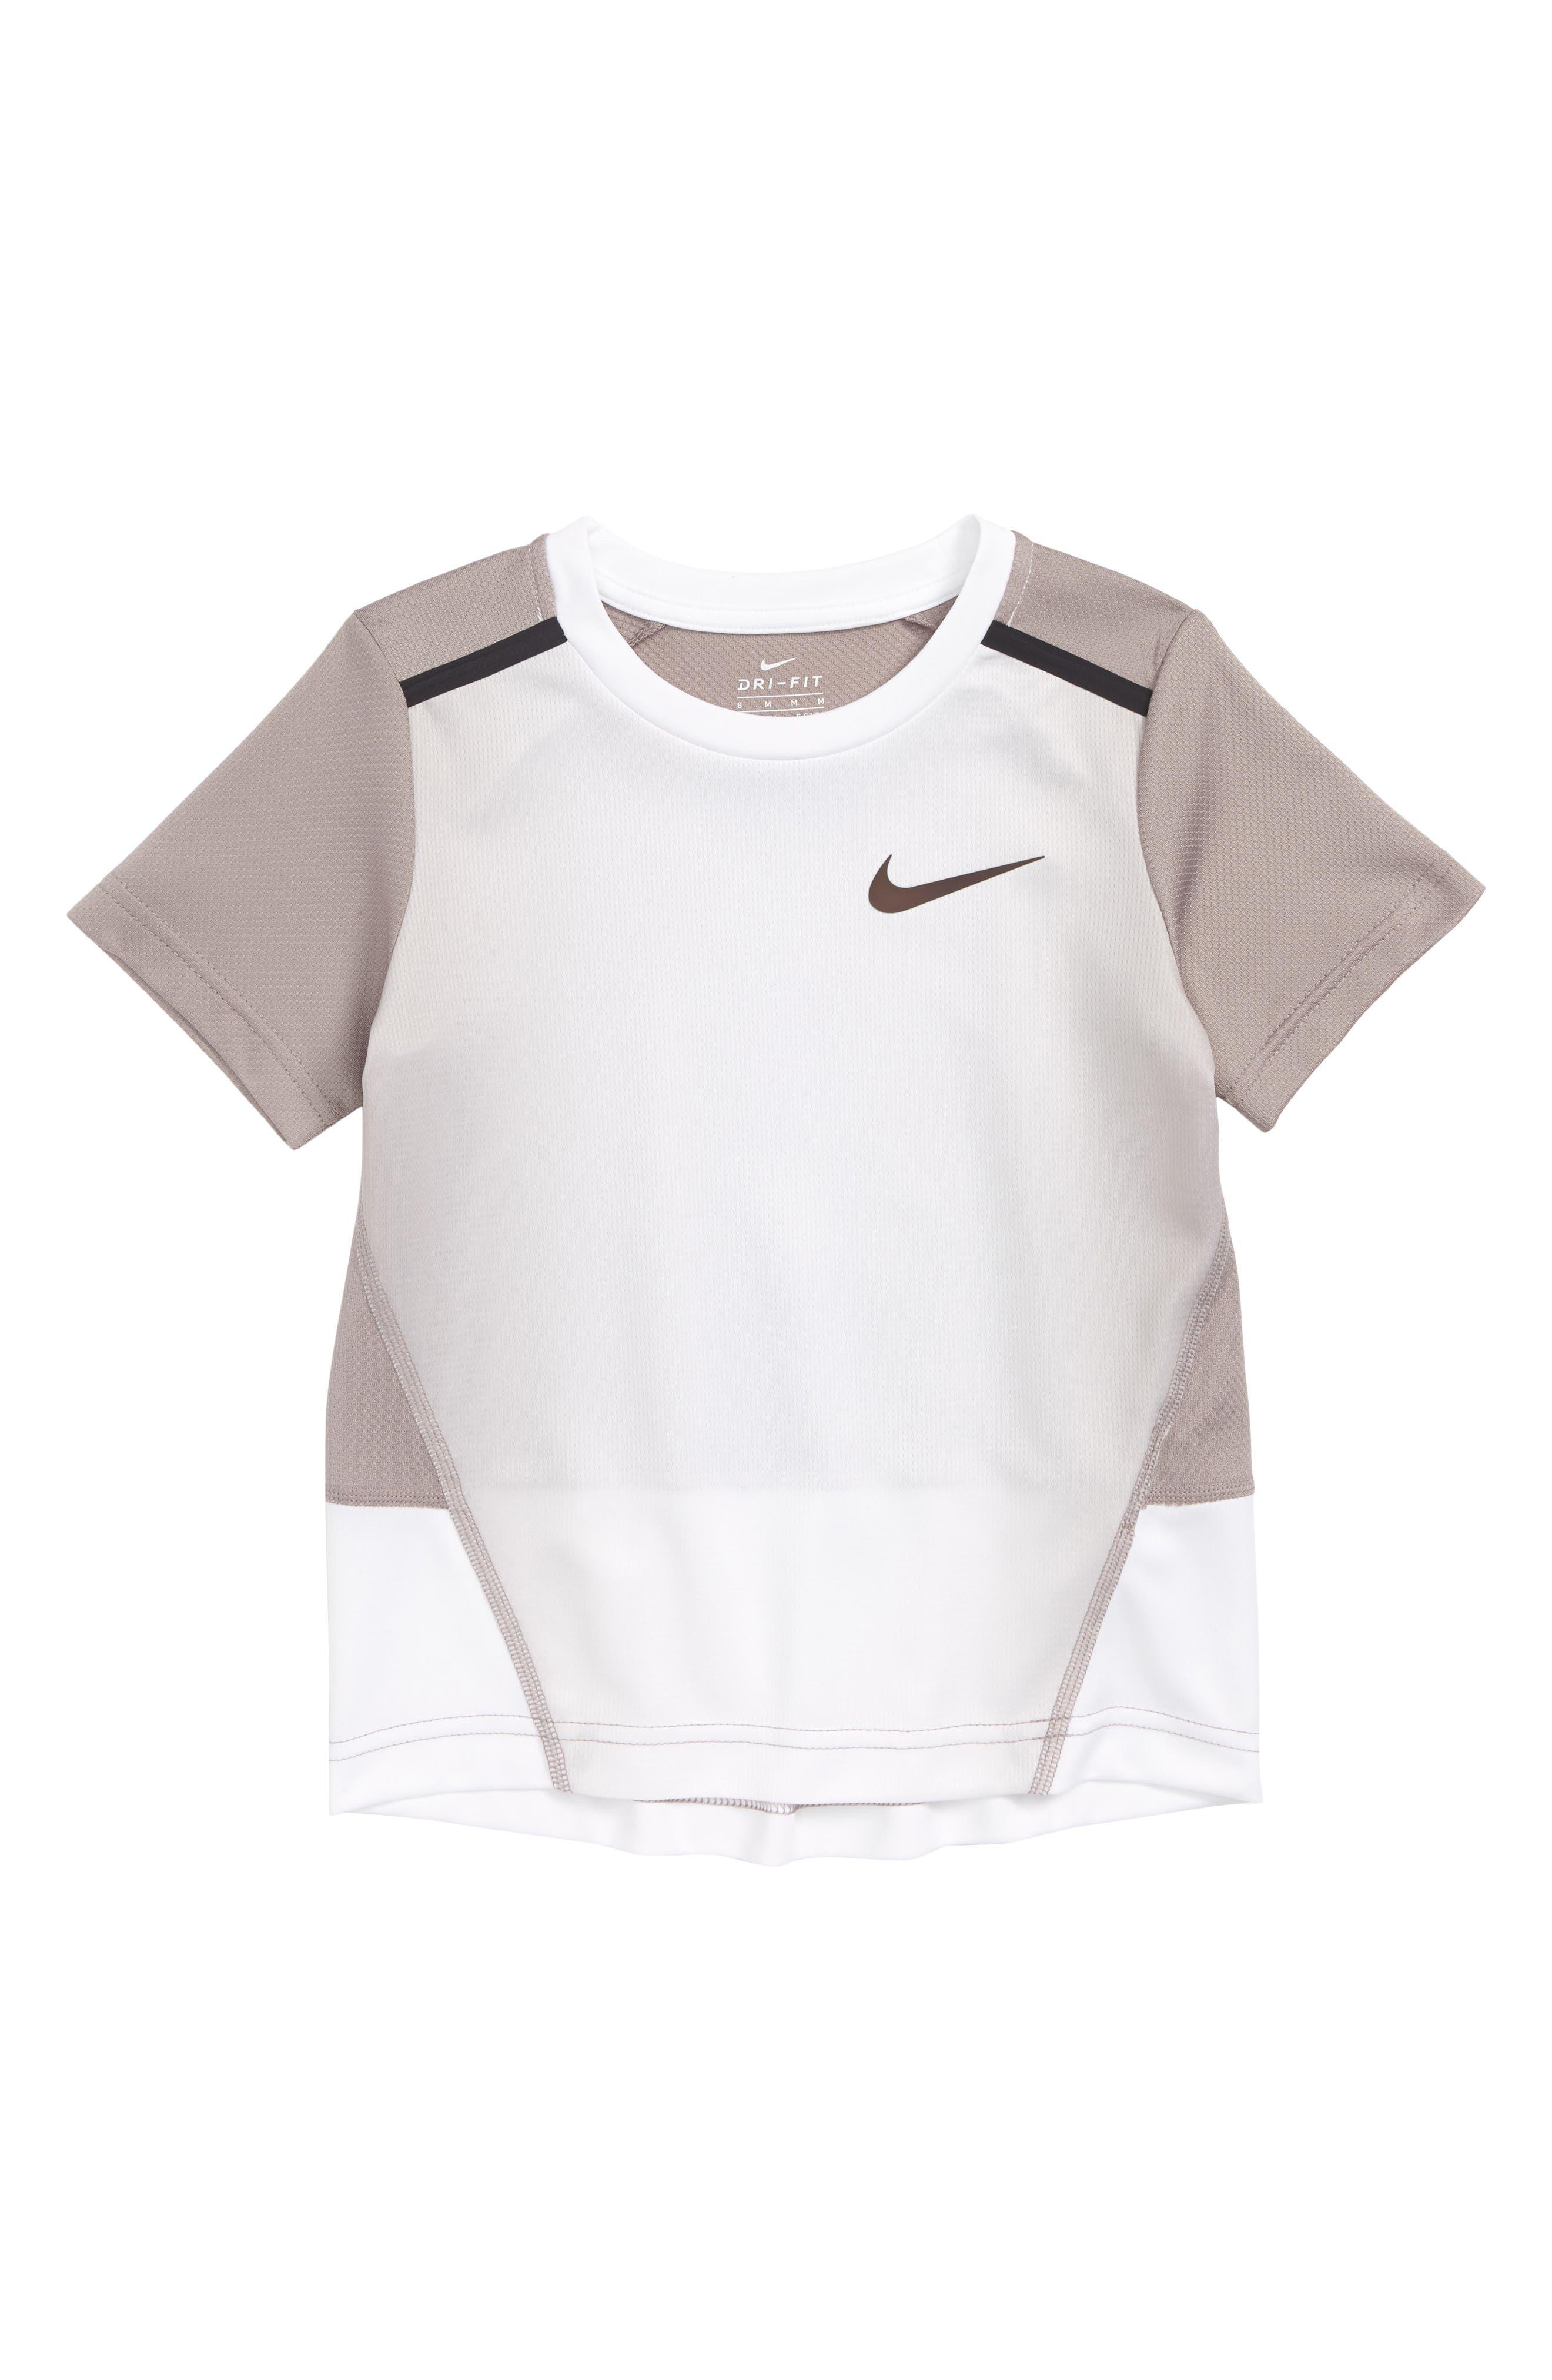 Dry INSTACOOL Shirt,                             Main thumbnail 1, color,                             051